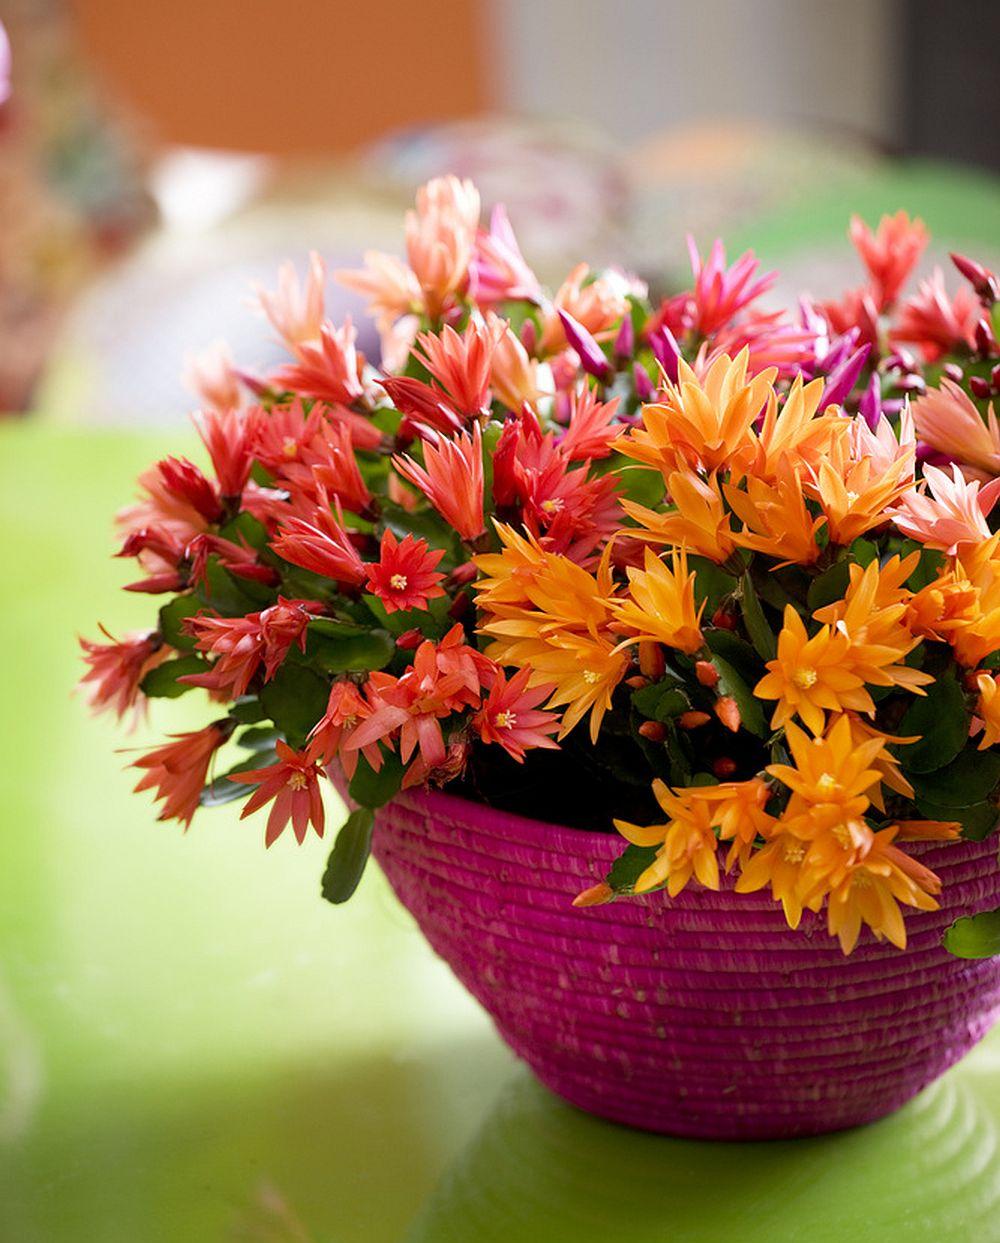 adelaparvu.com despre Florea Pastelui, Rhipsalidopsis, text Carli Marian, Foto Floradania (5)